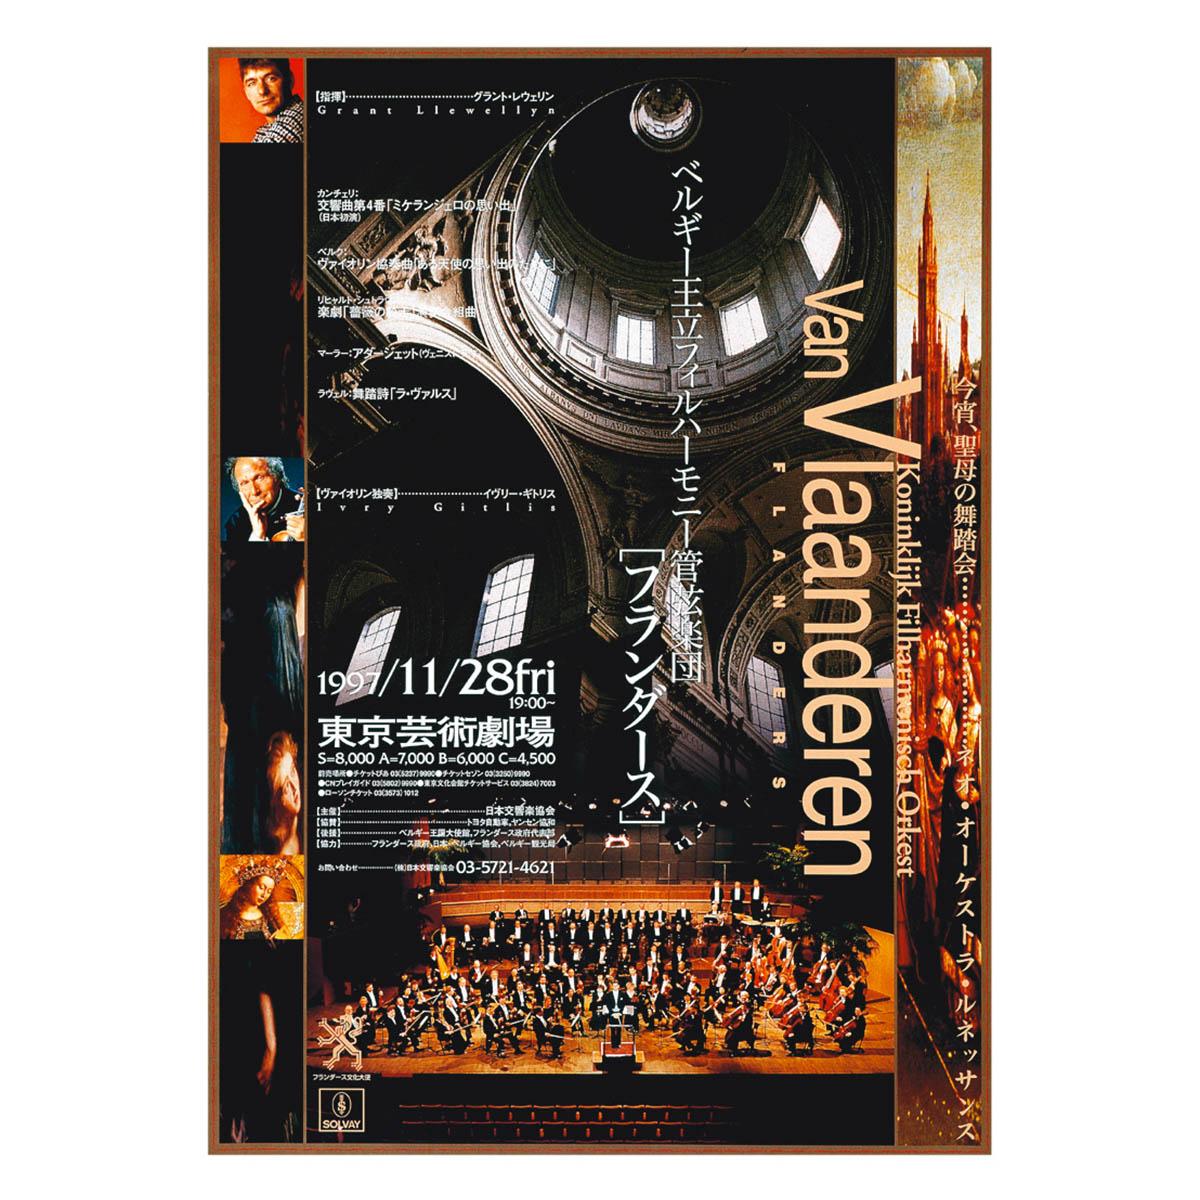 日本交響楽協会・東京芸術劇場 管弦楽団フランダース ポスター